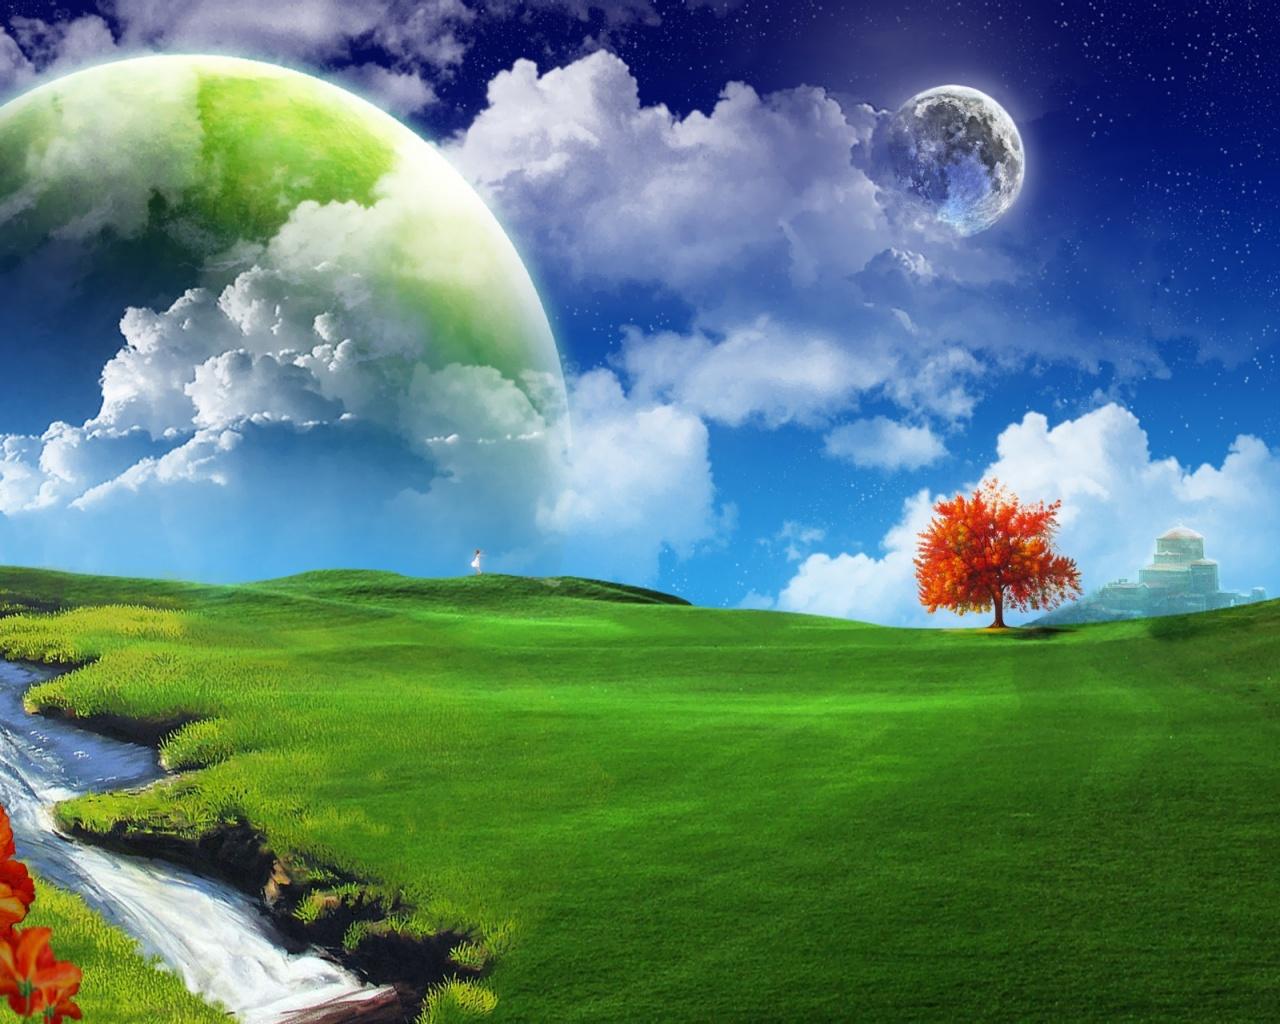 http://4.bp.blogspot.com/-bCLTdKGzjX0/UTzRIlQT0RI/AAAAAAAAFXk/2fH8-a6xiwQ/s1600/Golf_wallpapers_349.jpg